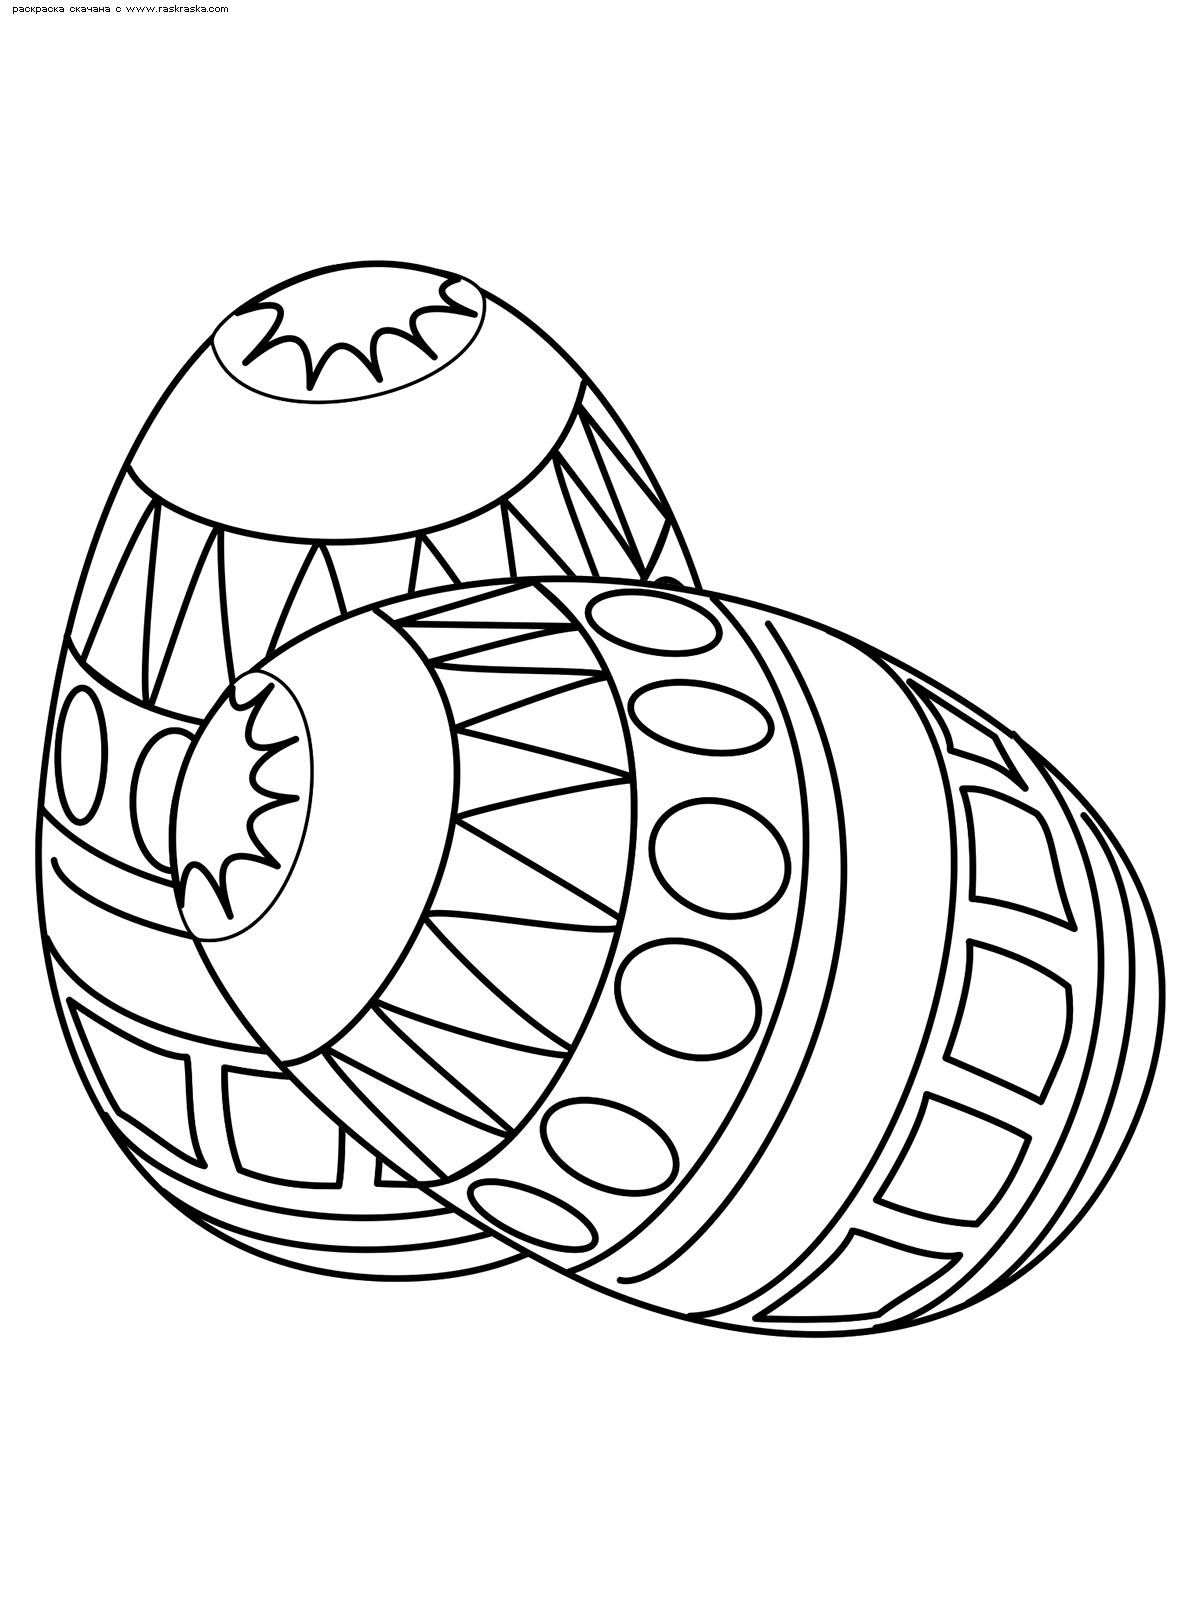 Раскраска Празднуем Пасху!. Раскраска Украшаем яйца, яйца к пасхе, раскраска яйц